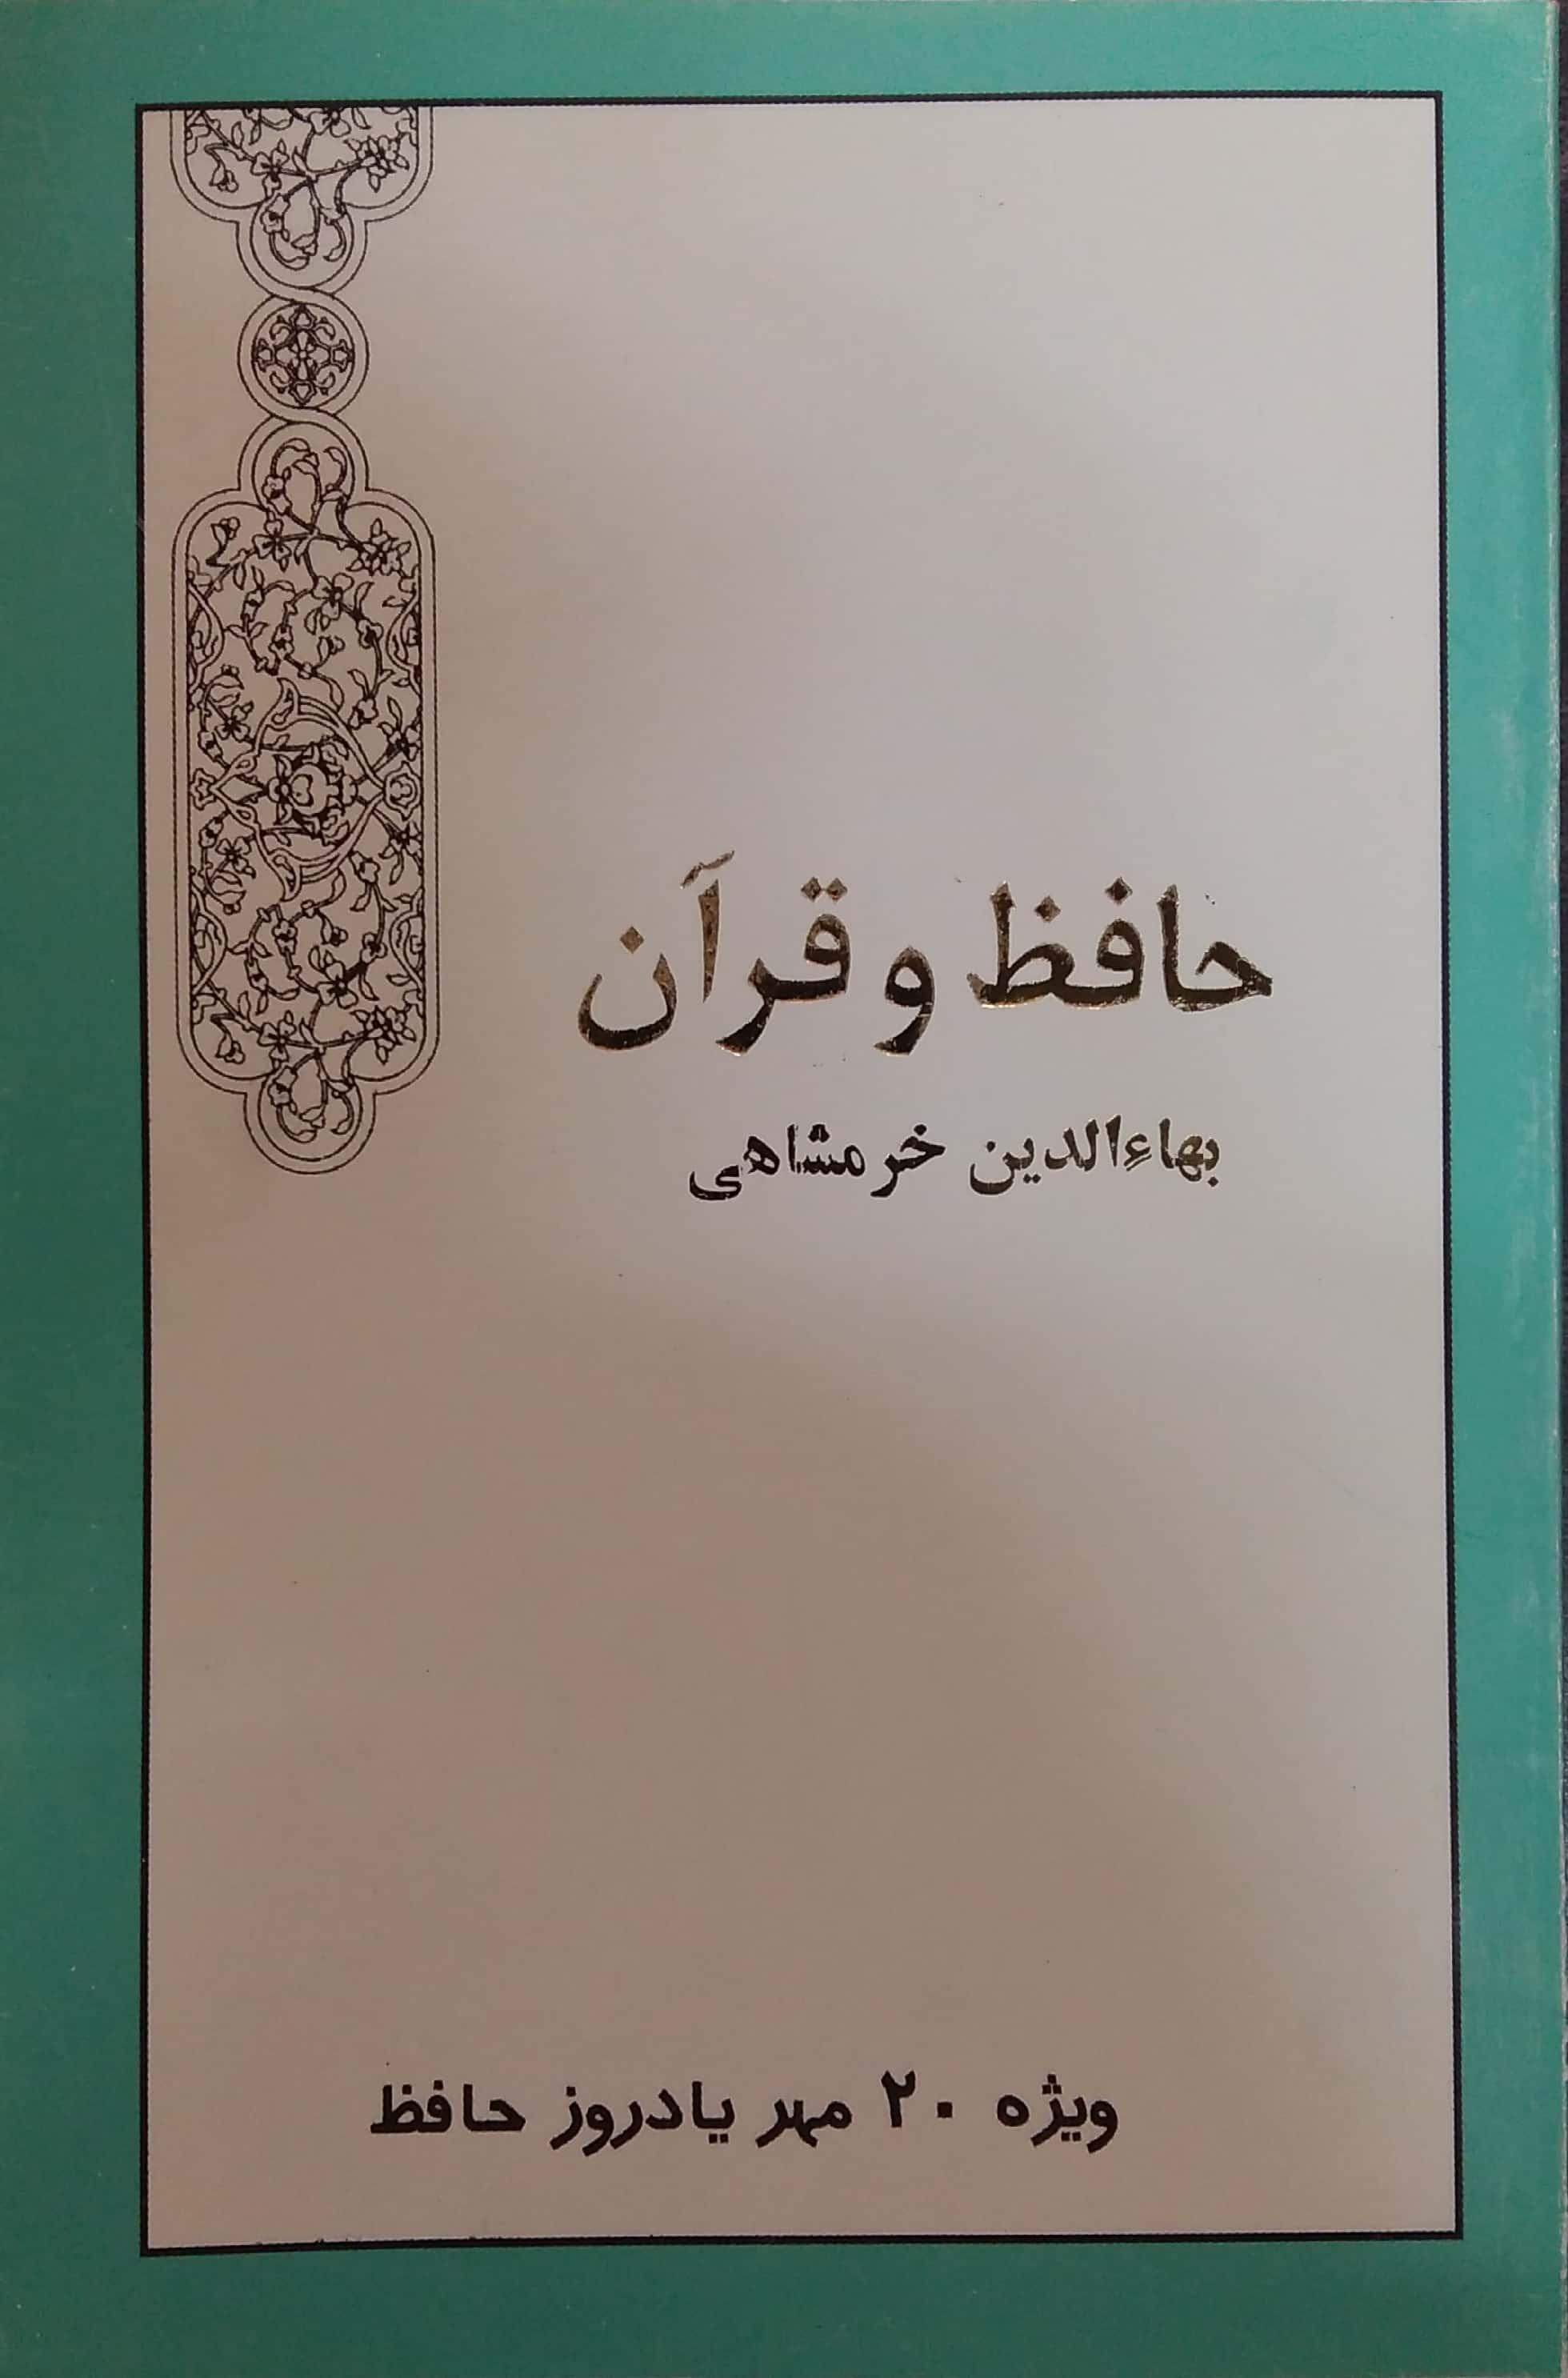 بنياد فارس شناسي حافظ و قرآن (اثر بهاالدین خرمشاهی)